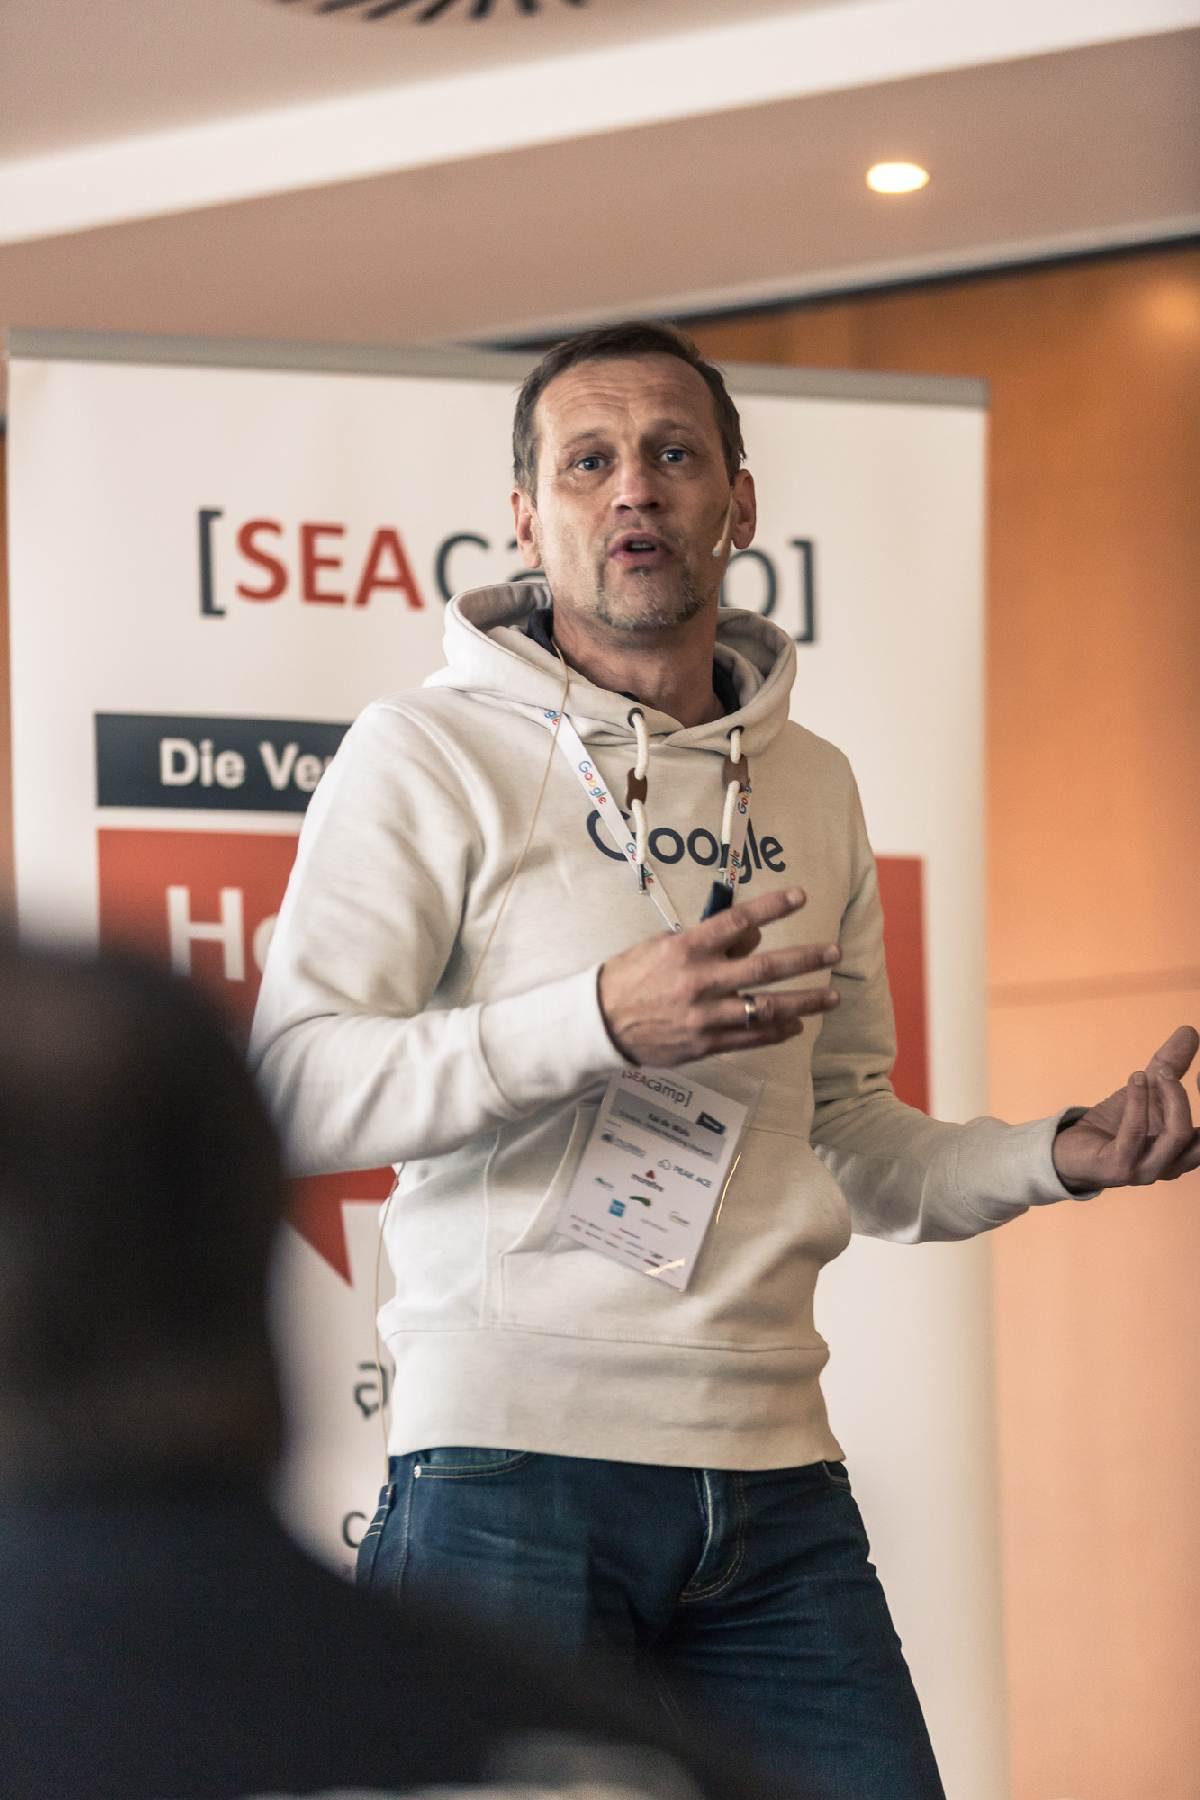 hannover_2017_SEAcamp-745